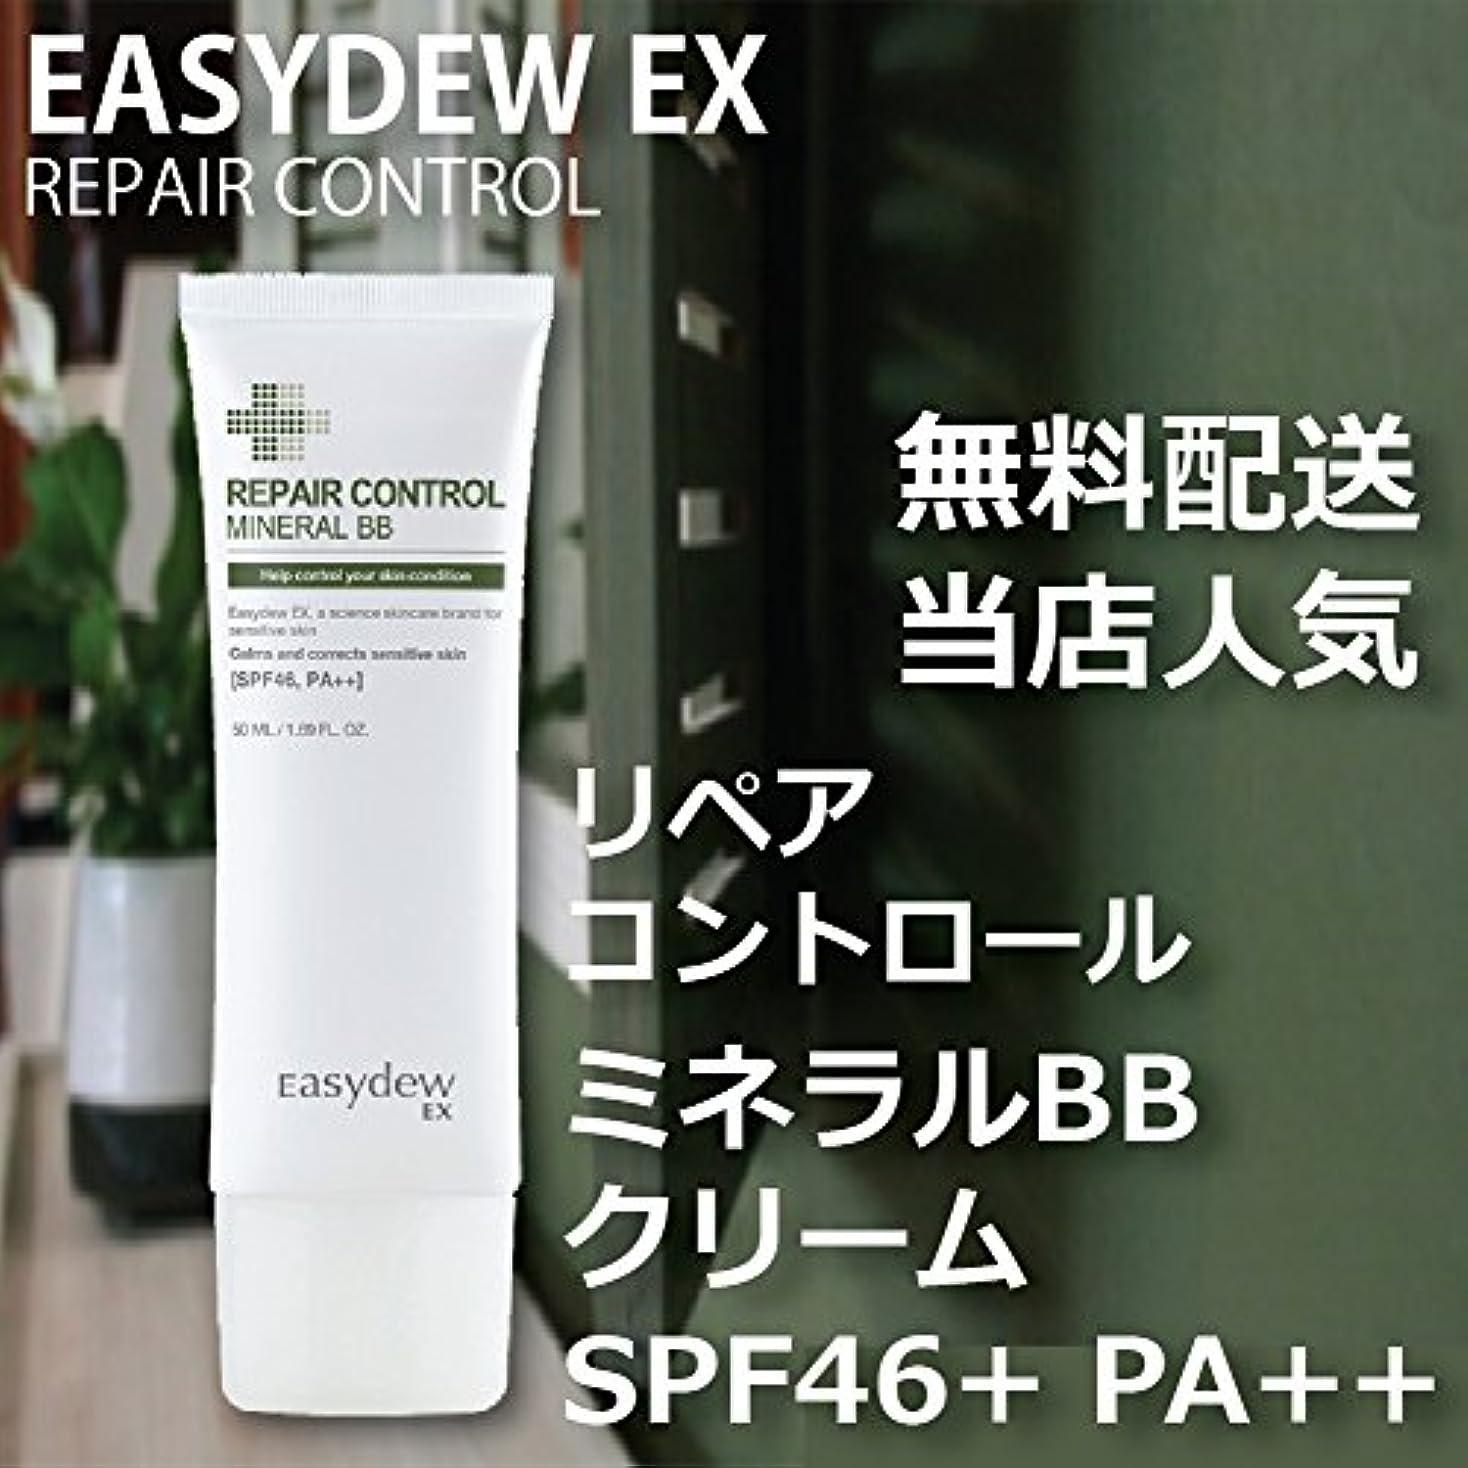 靴合図電気EASY DEW EX ミネラル BBクリーム SPF46+ PA++ 50ml MINRAL BB CREAM 韓国 人気 コスメ イージーデュー 敏感 乾燥 美白 しわ 3重機能性